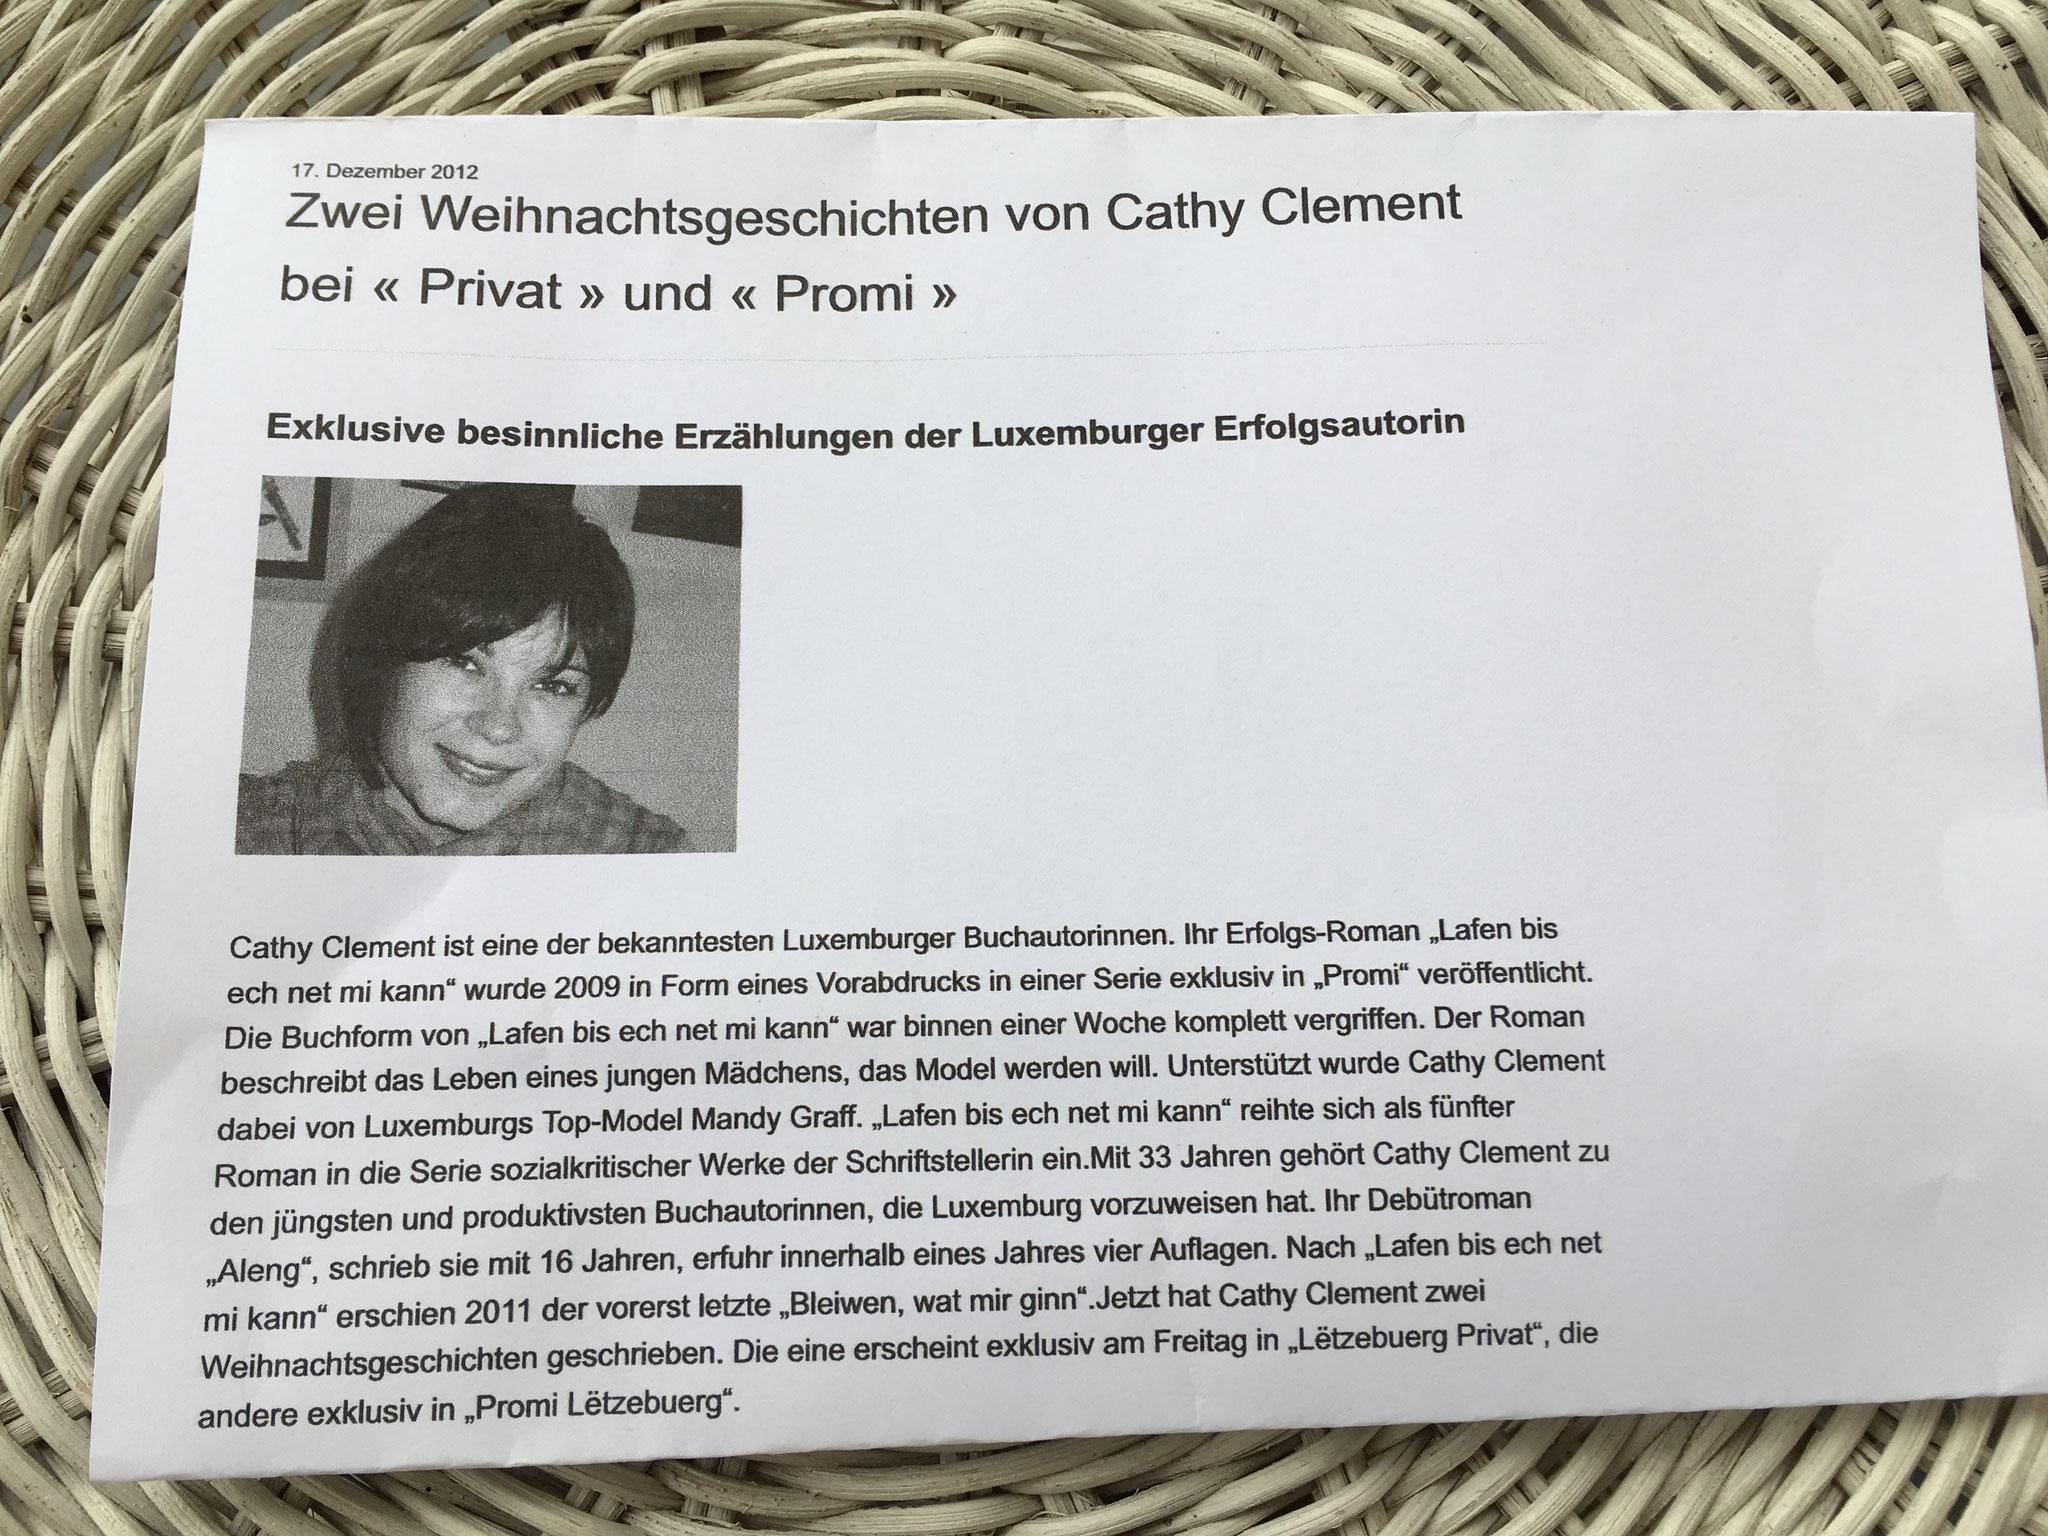 Weihnachtsgeschichten von Cathy Clement in Privat